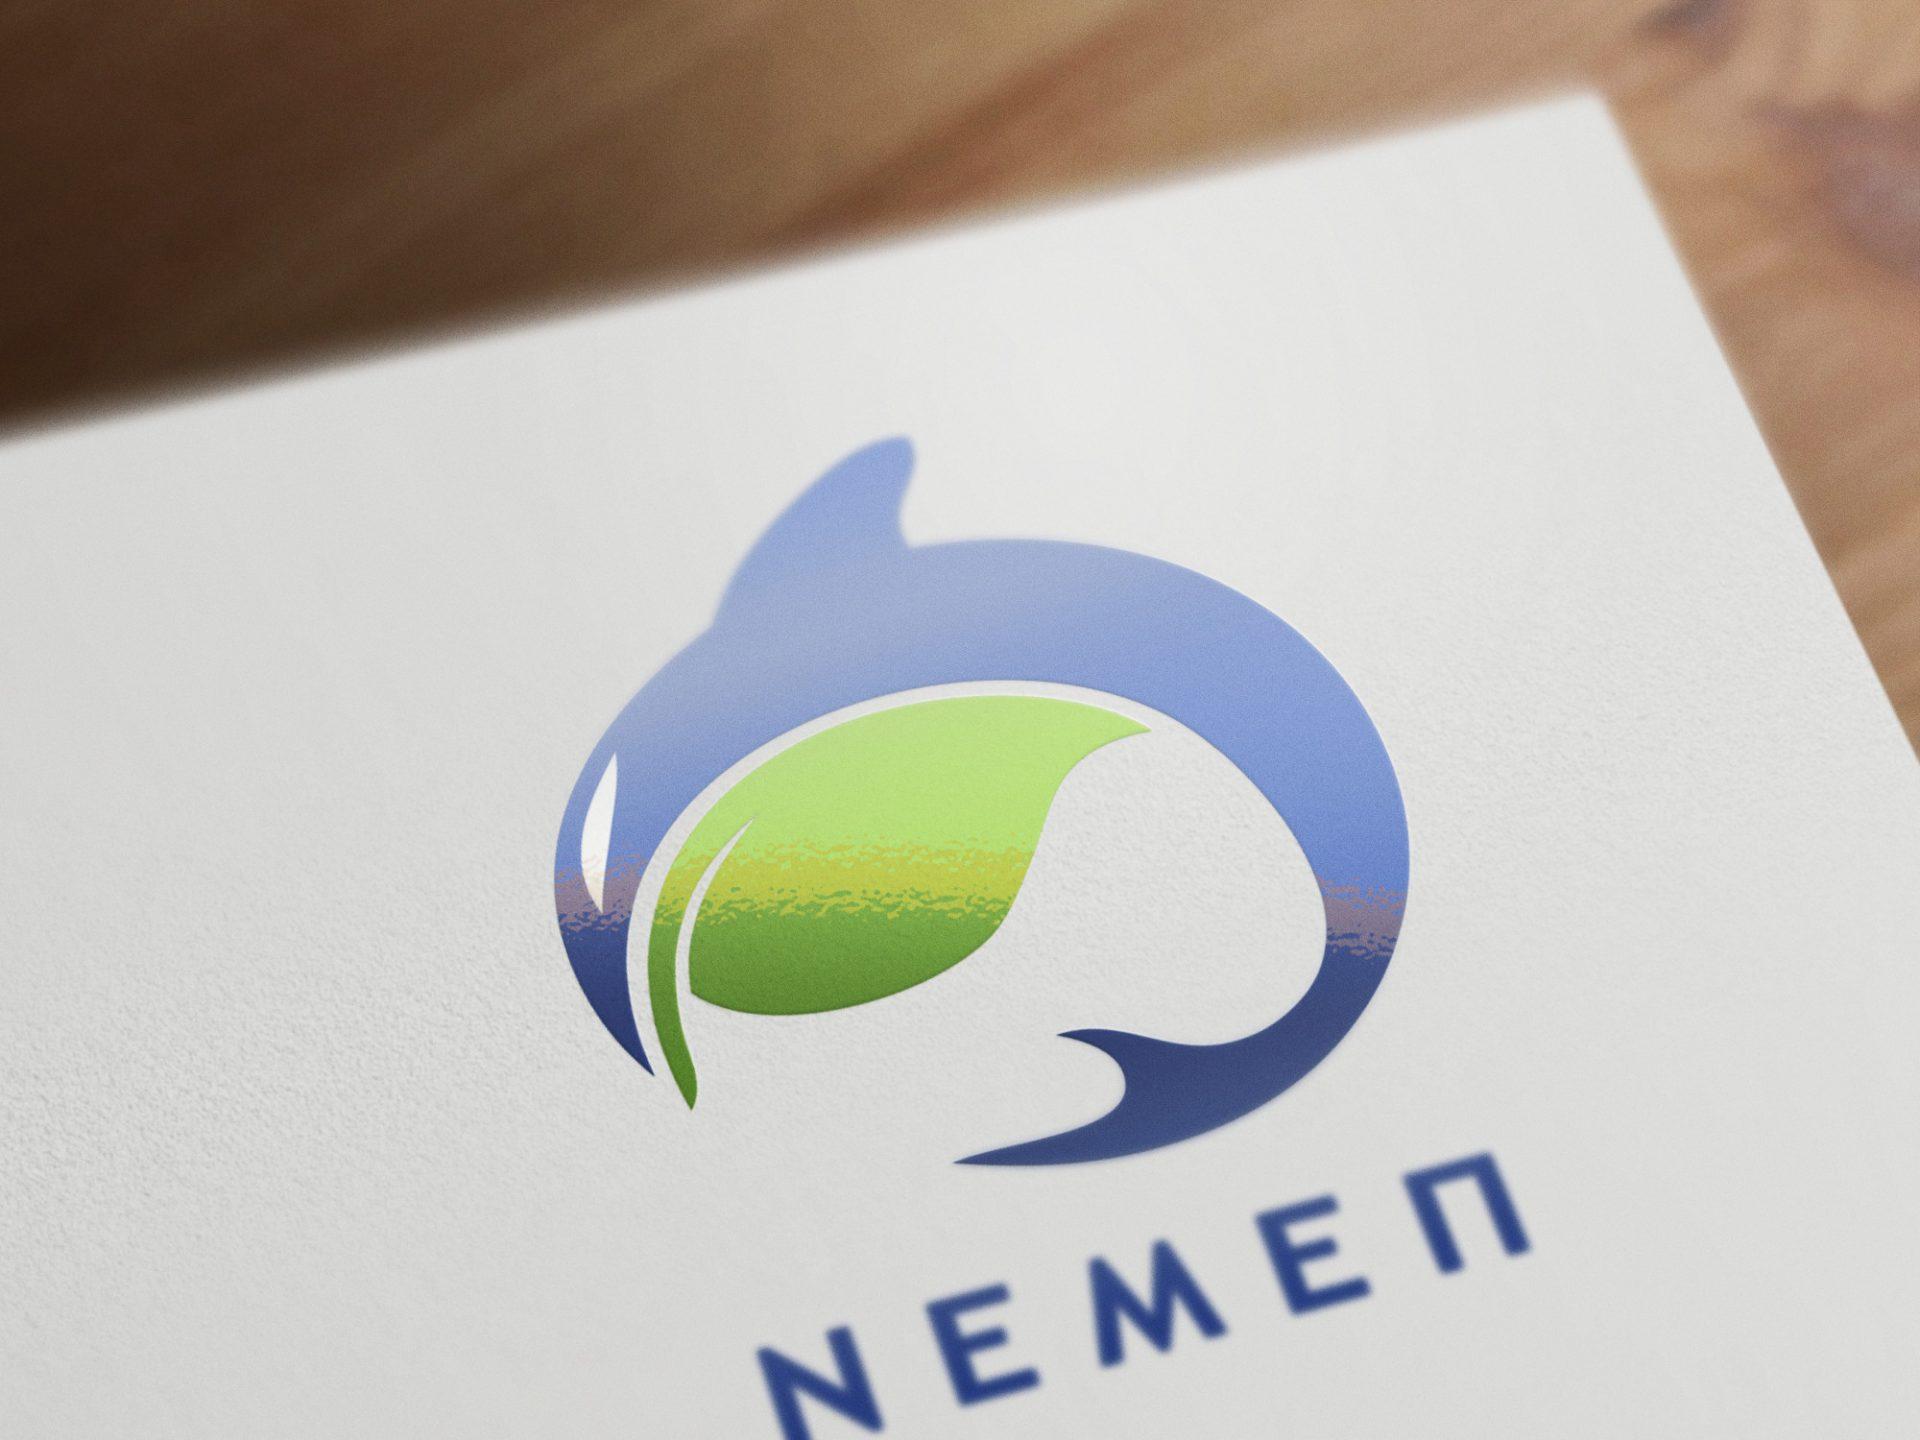 NEMEP